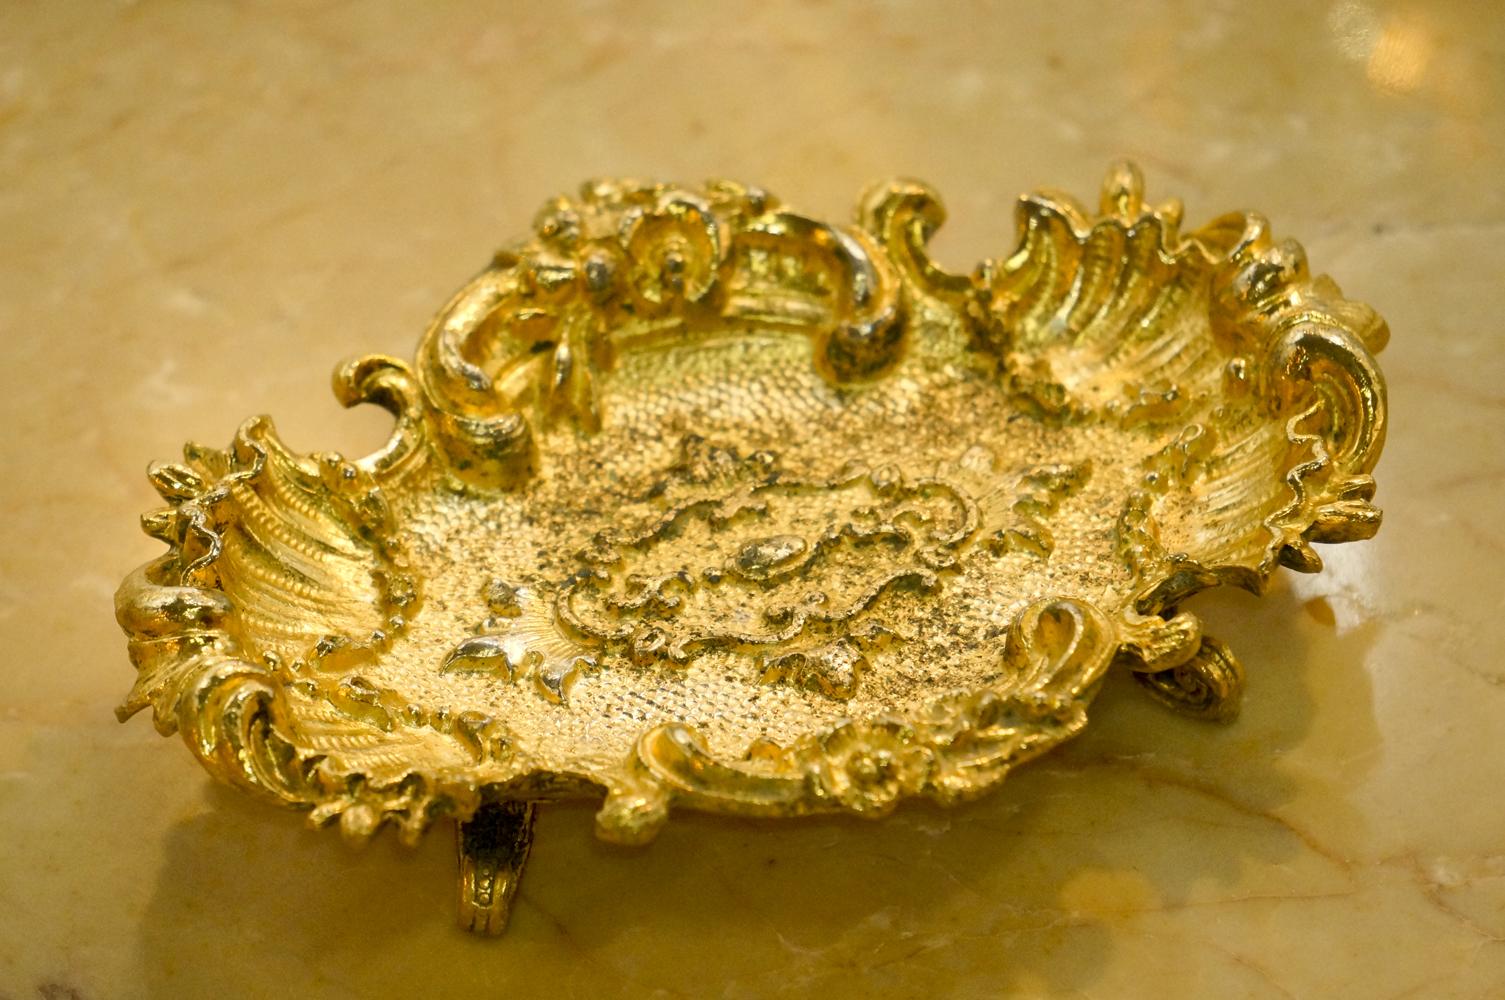 Sold: スタイルビルト製 ゴールド ソープディッシュ